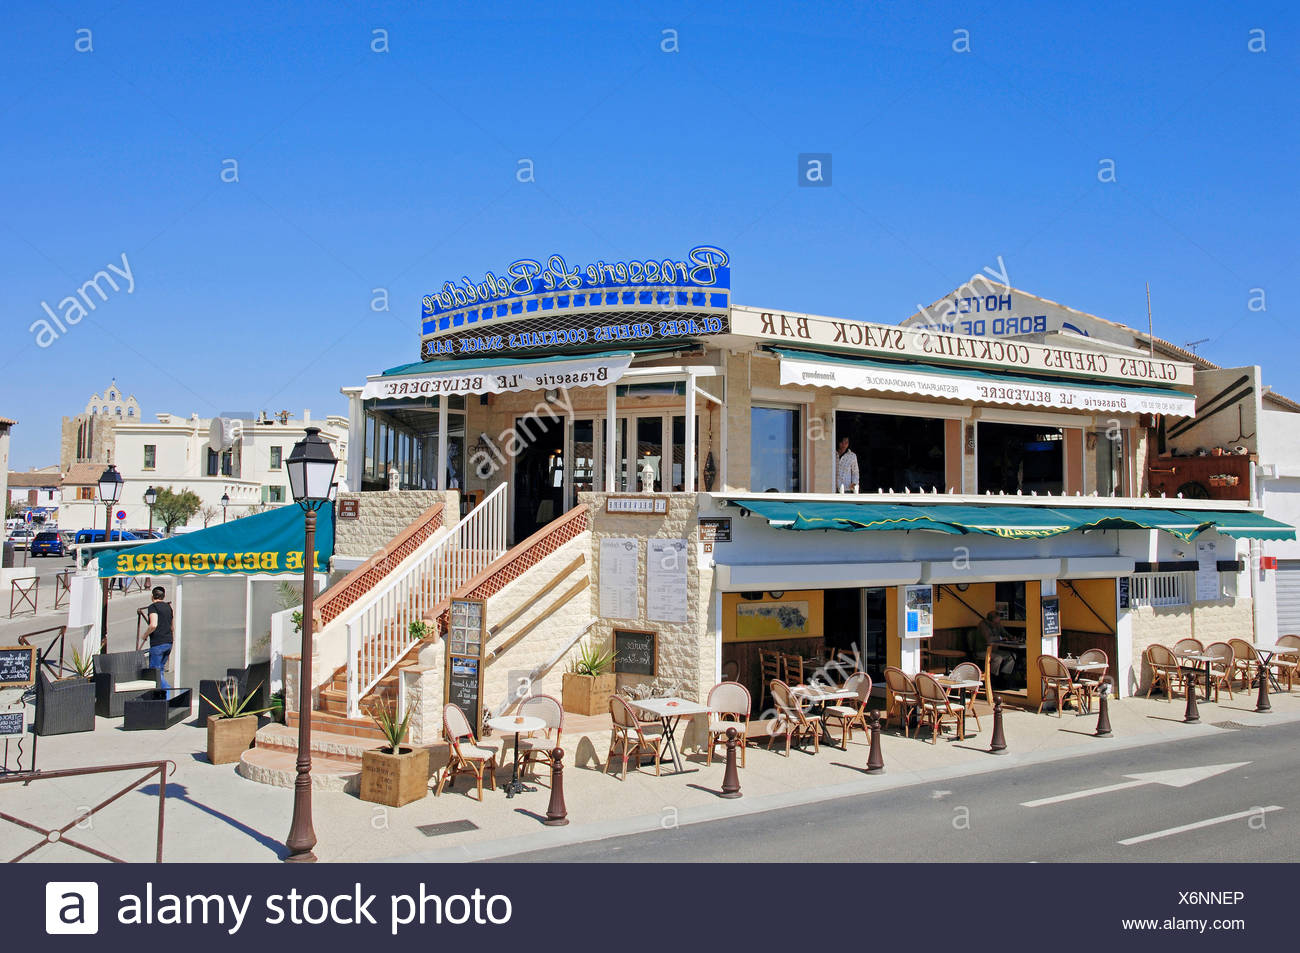 Restaurant Brasserie Le Belvedere, Les Saintes-Maries-de-la-Mer, Camargue, Bouches-du-Rhone, Provence-Alpes-Cote d'Azur, Southe - Stock Image